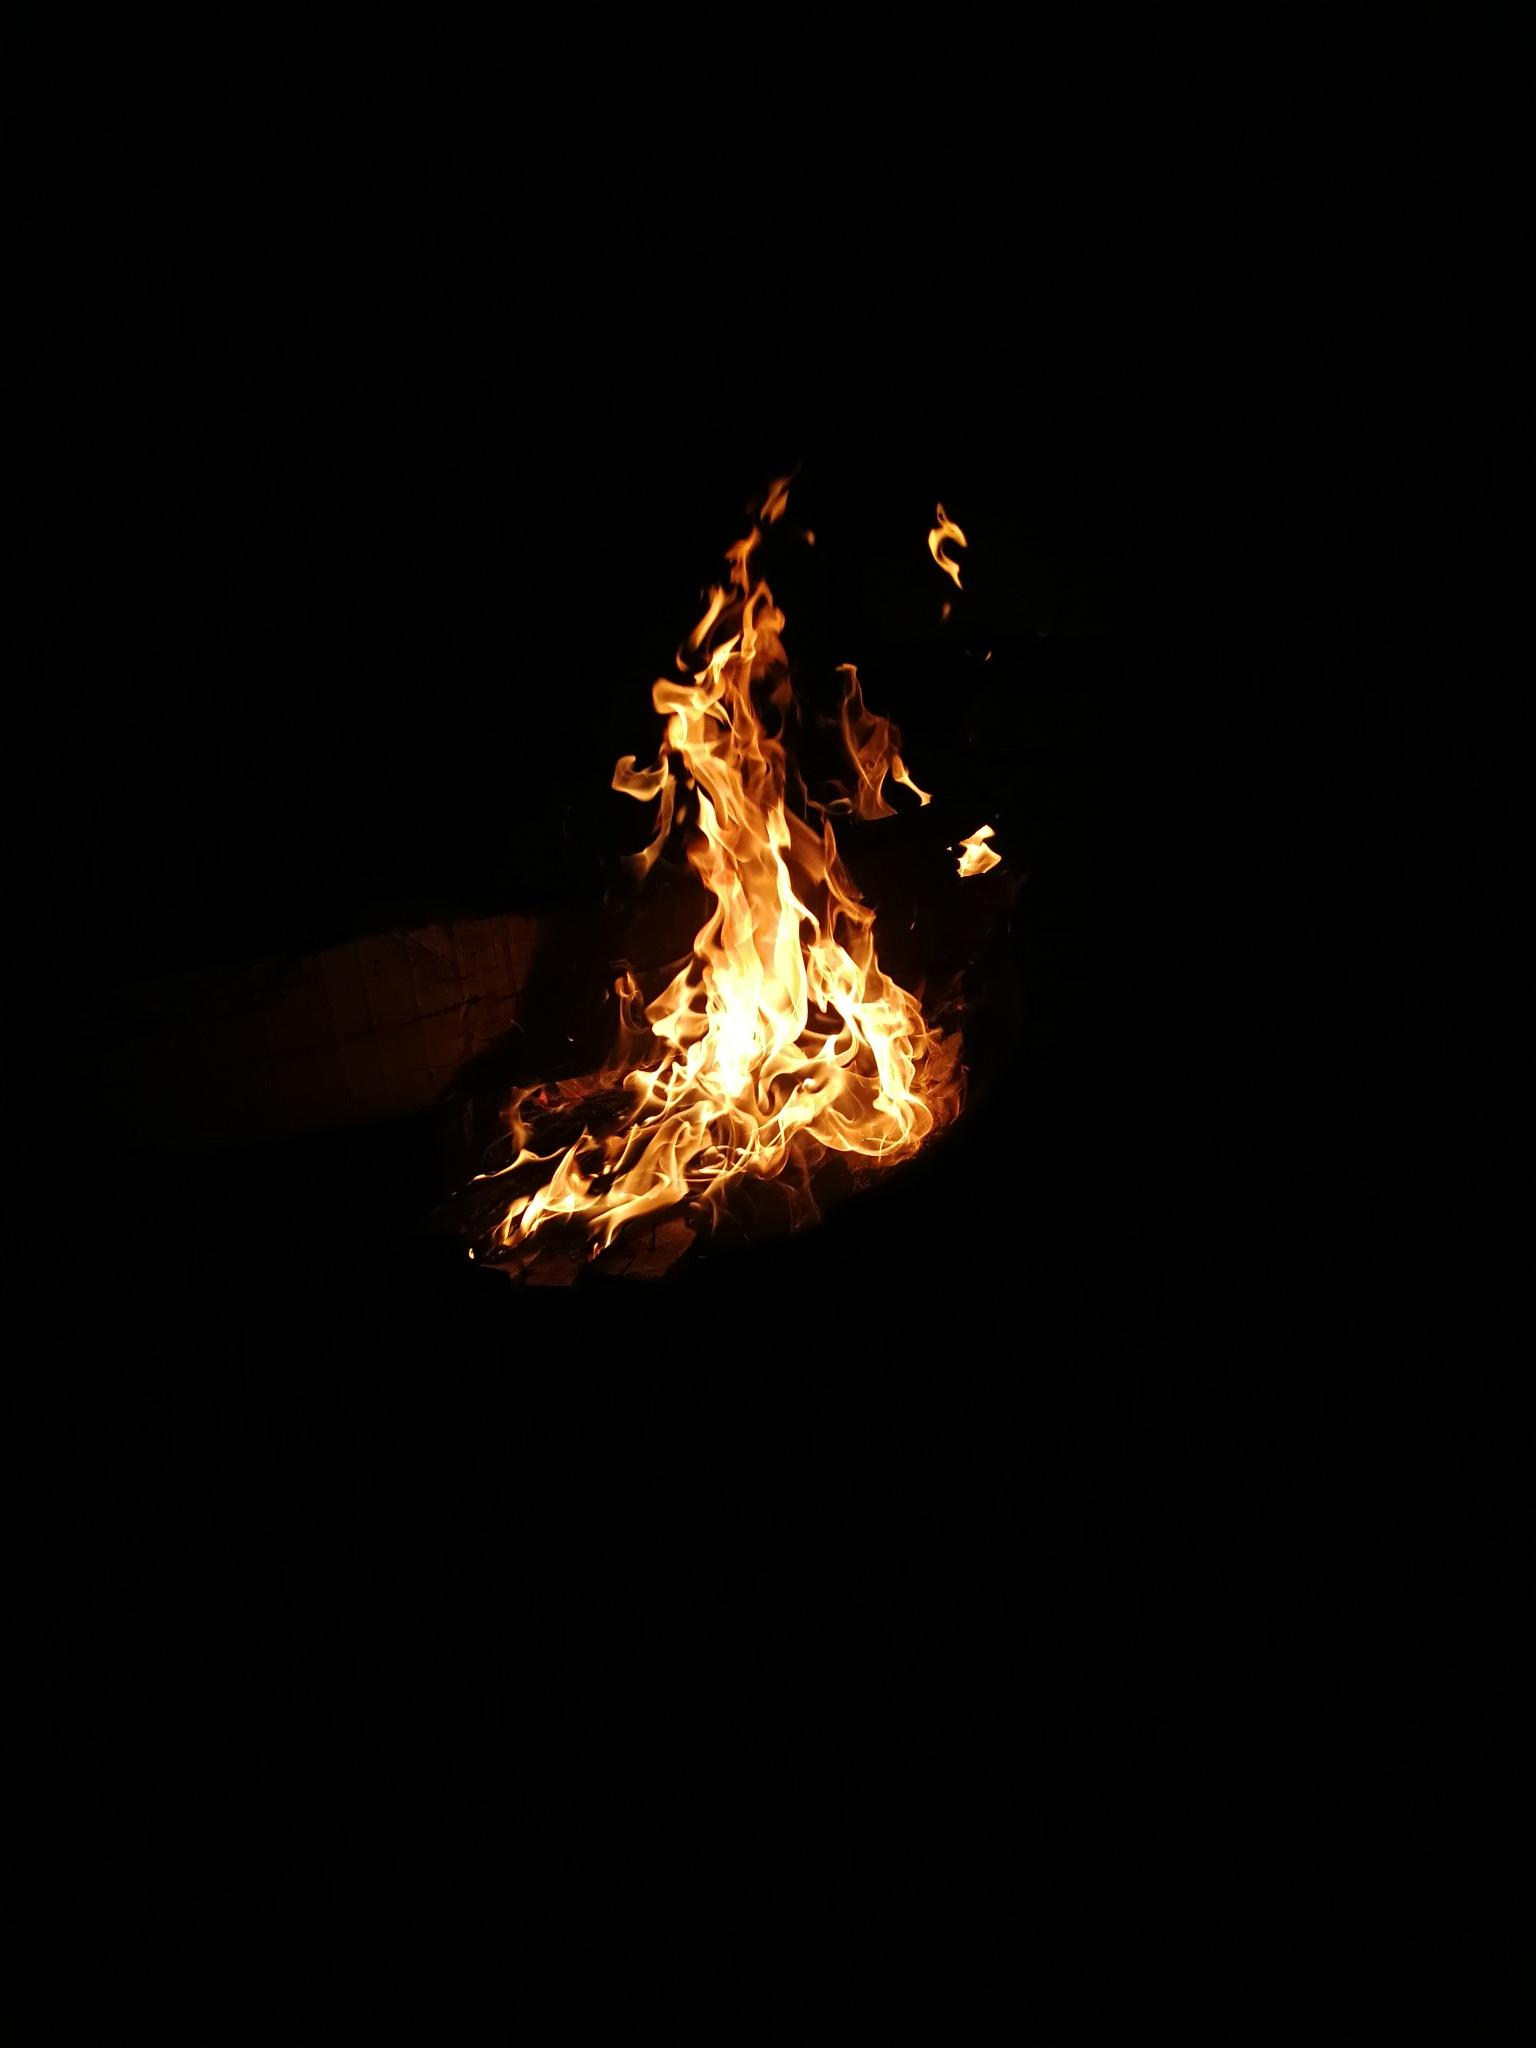 fire 2 by babak khodayi